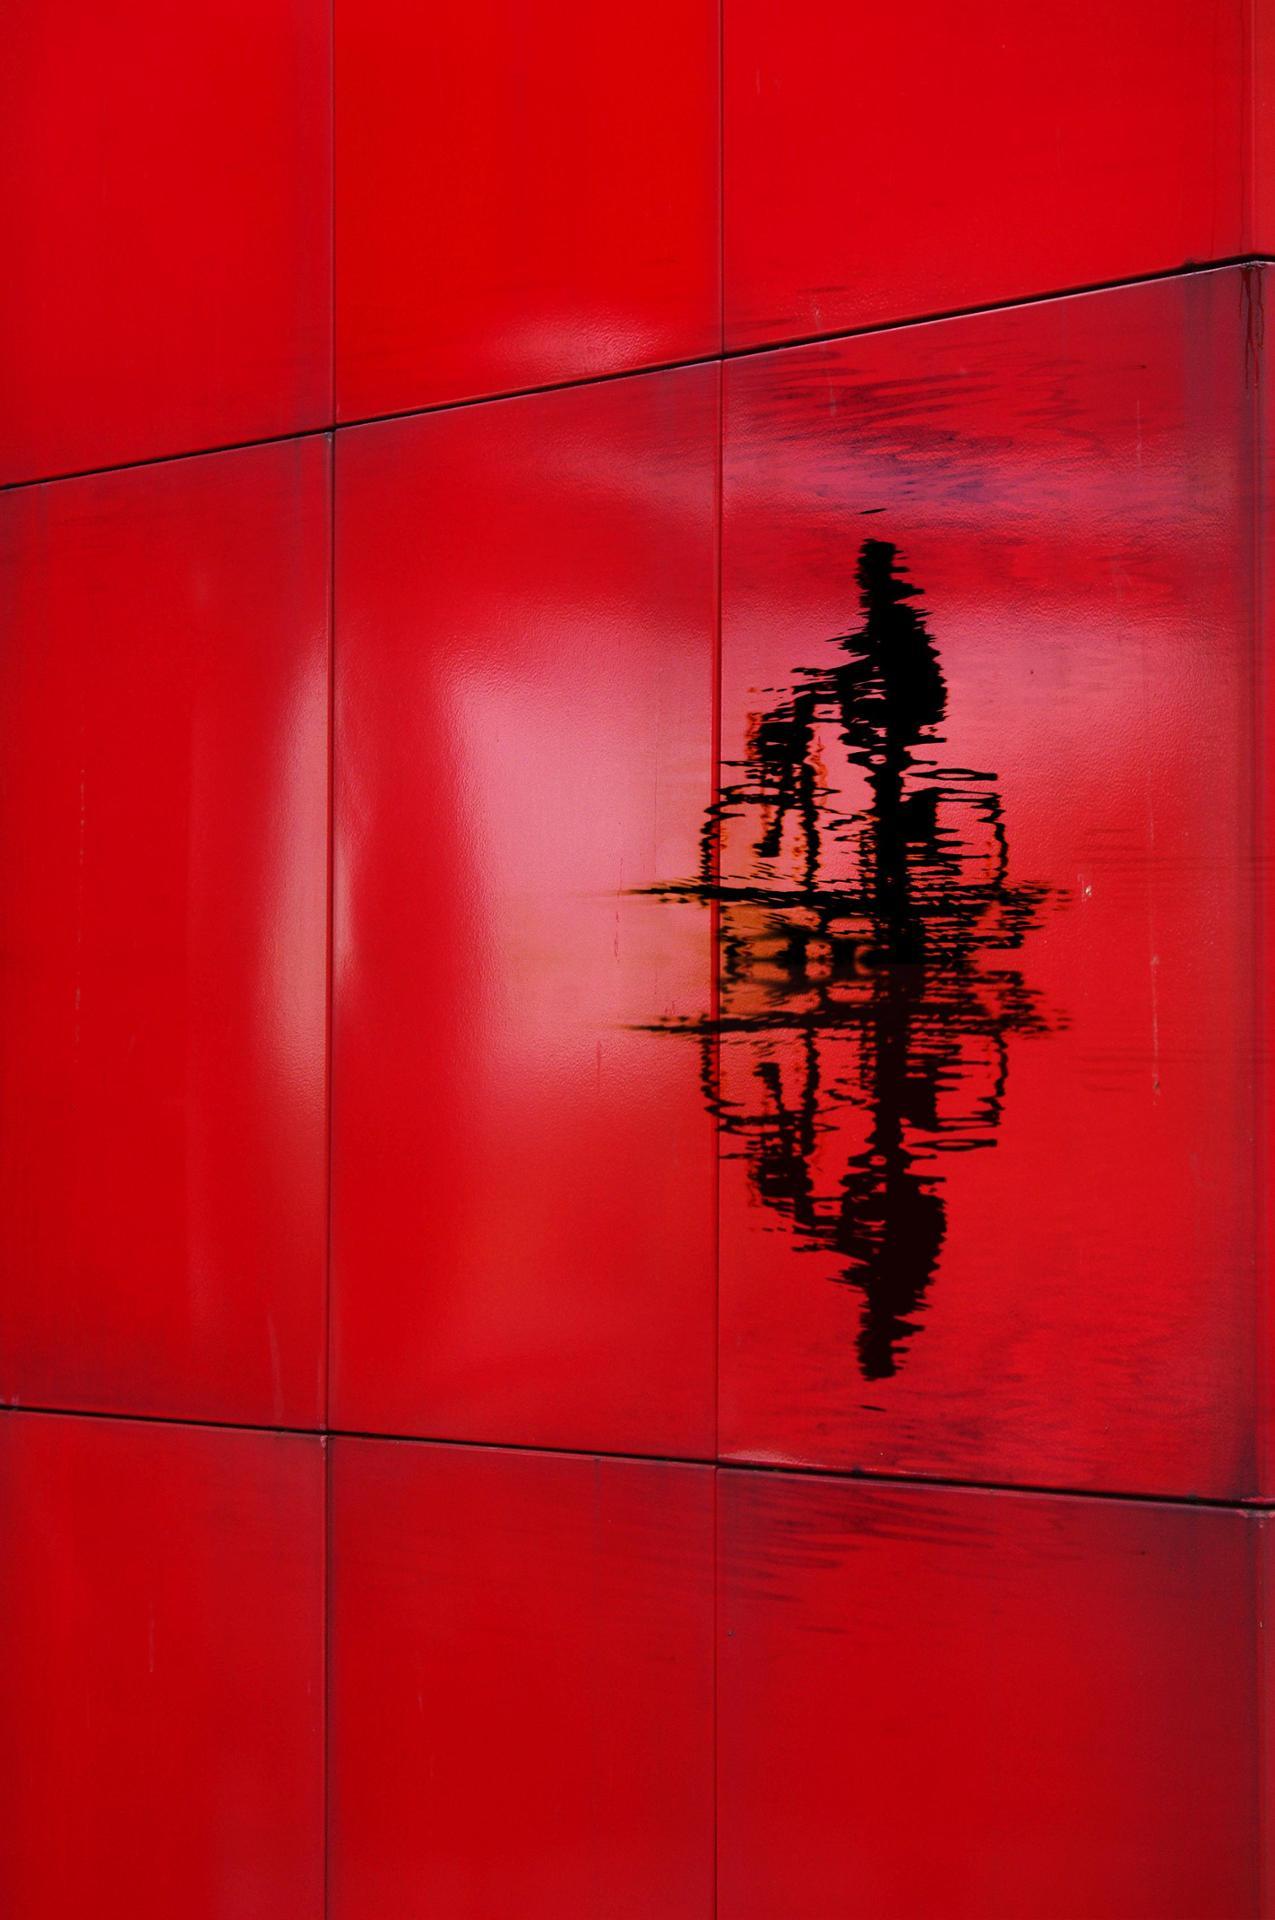 Le mur rouge